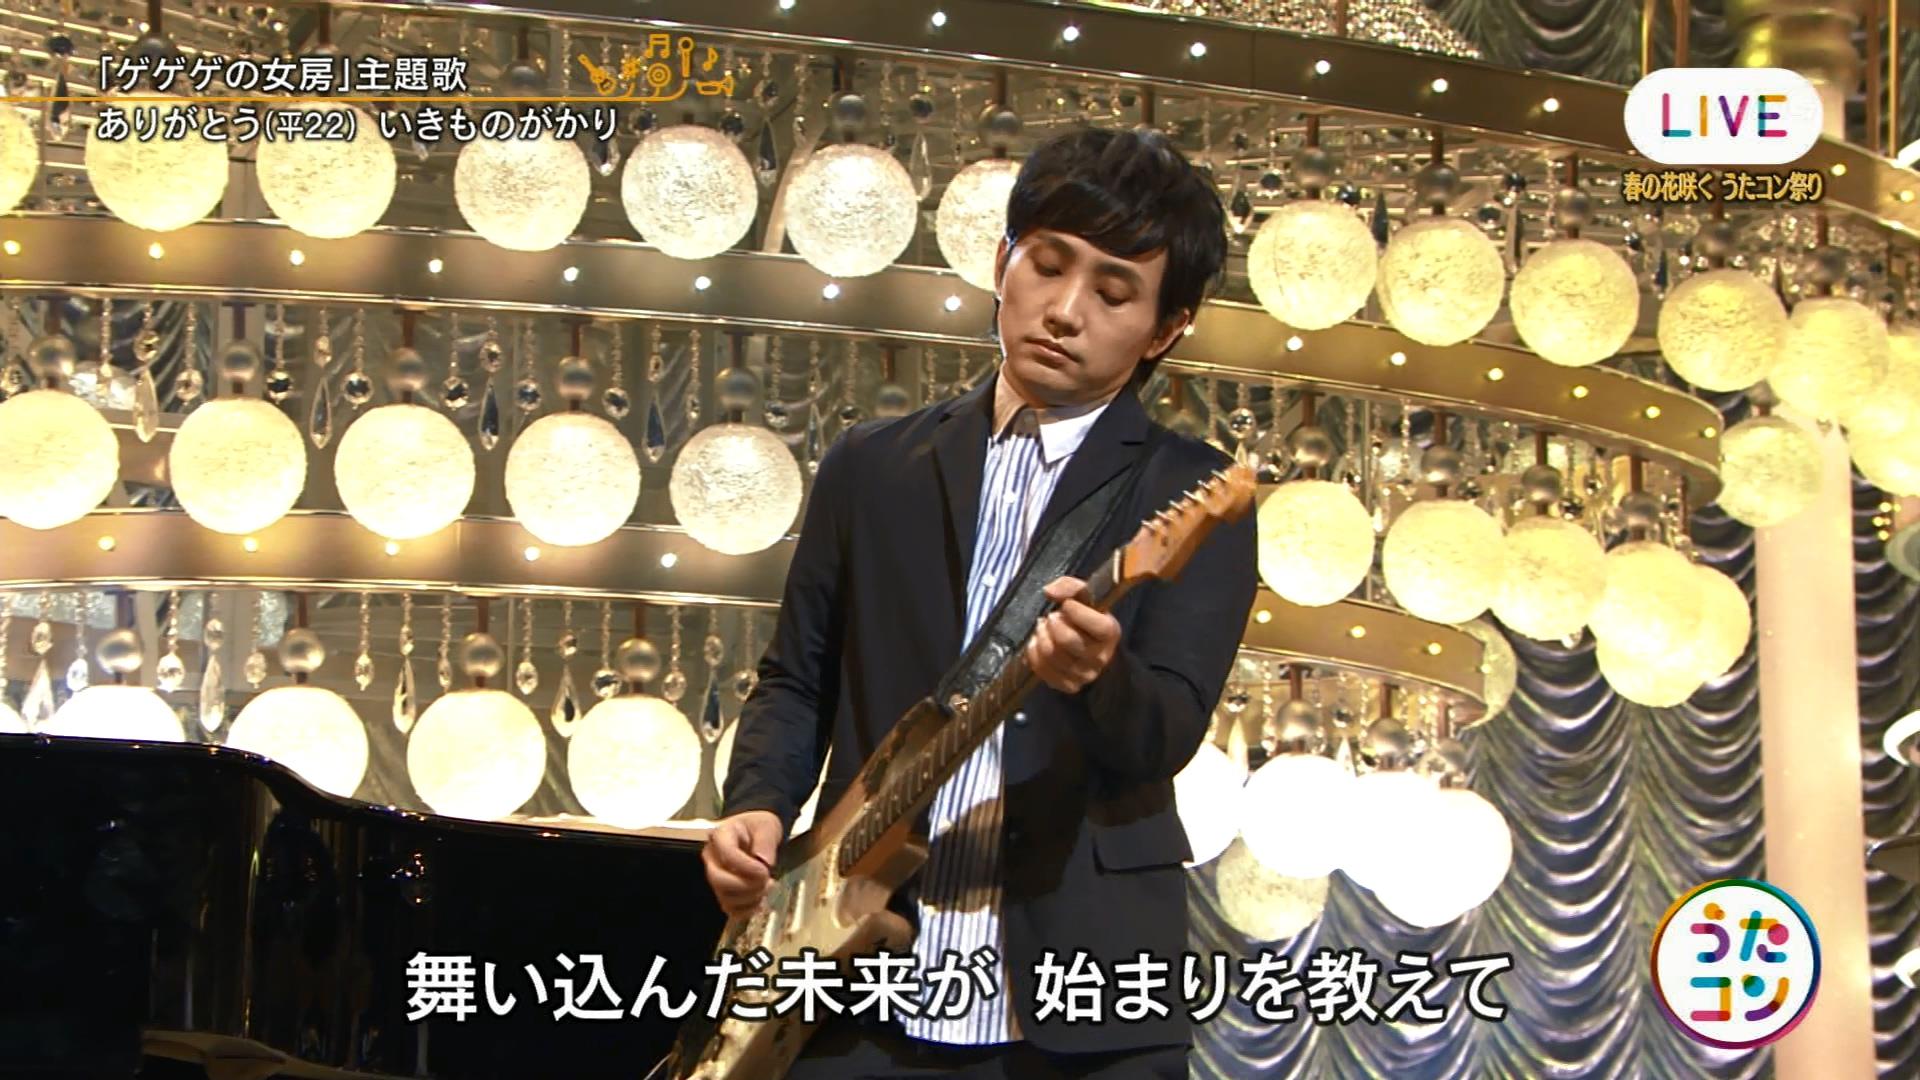 2016.04.12 全場(うたコン).ts_20160412_204701.923